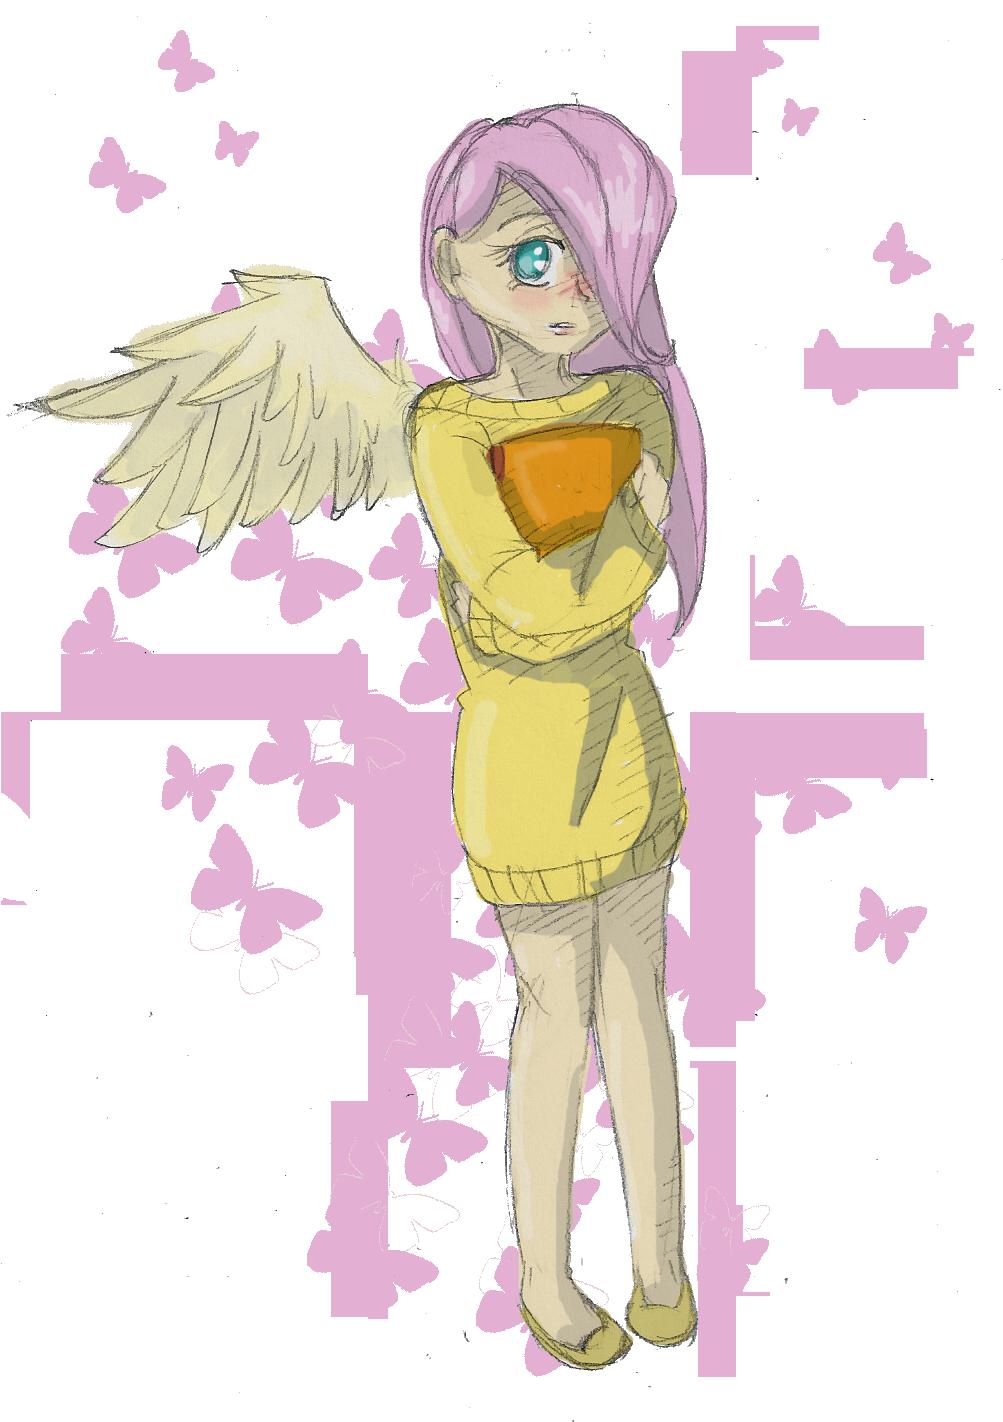 Flutters by kizZuna